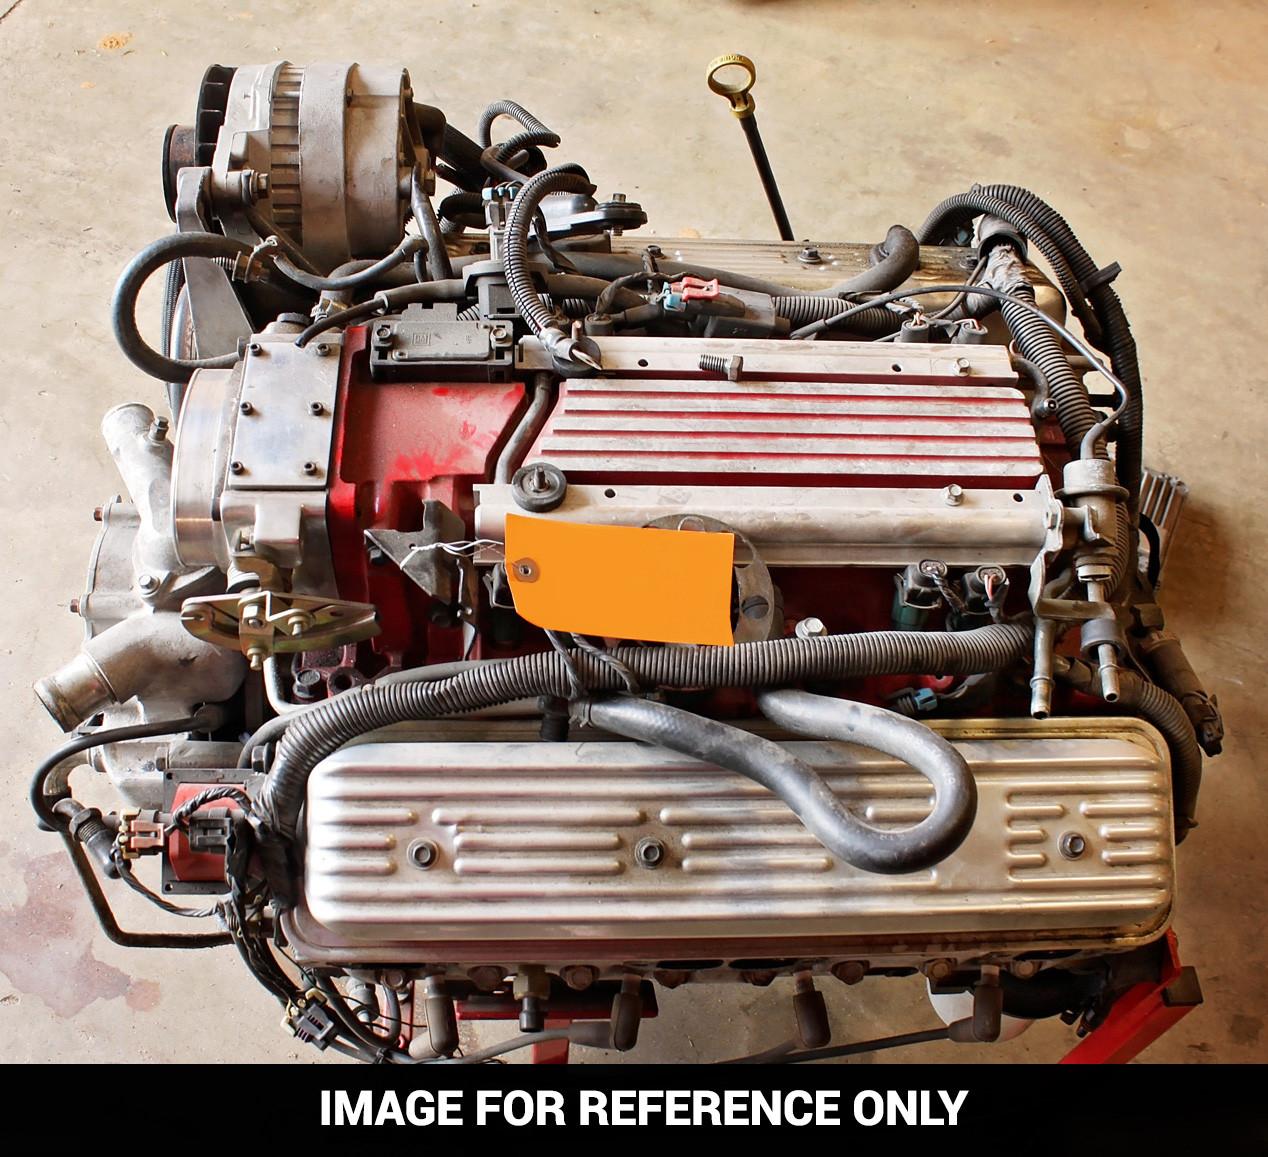 medium resolution of 1997 pontiac firebird lt1 engine diagram trusted wiring diagram u2022 trans am ws6 wheels 1996